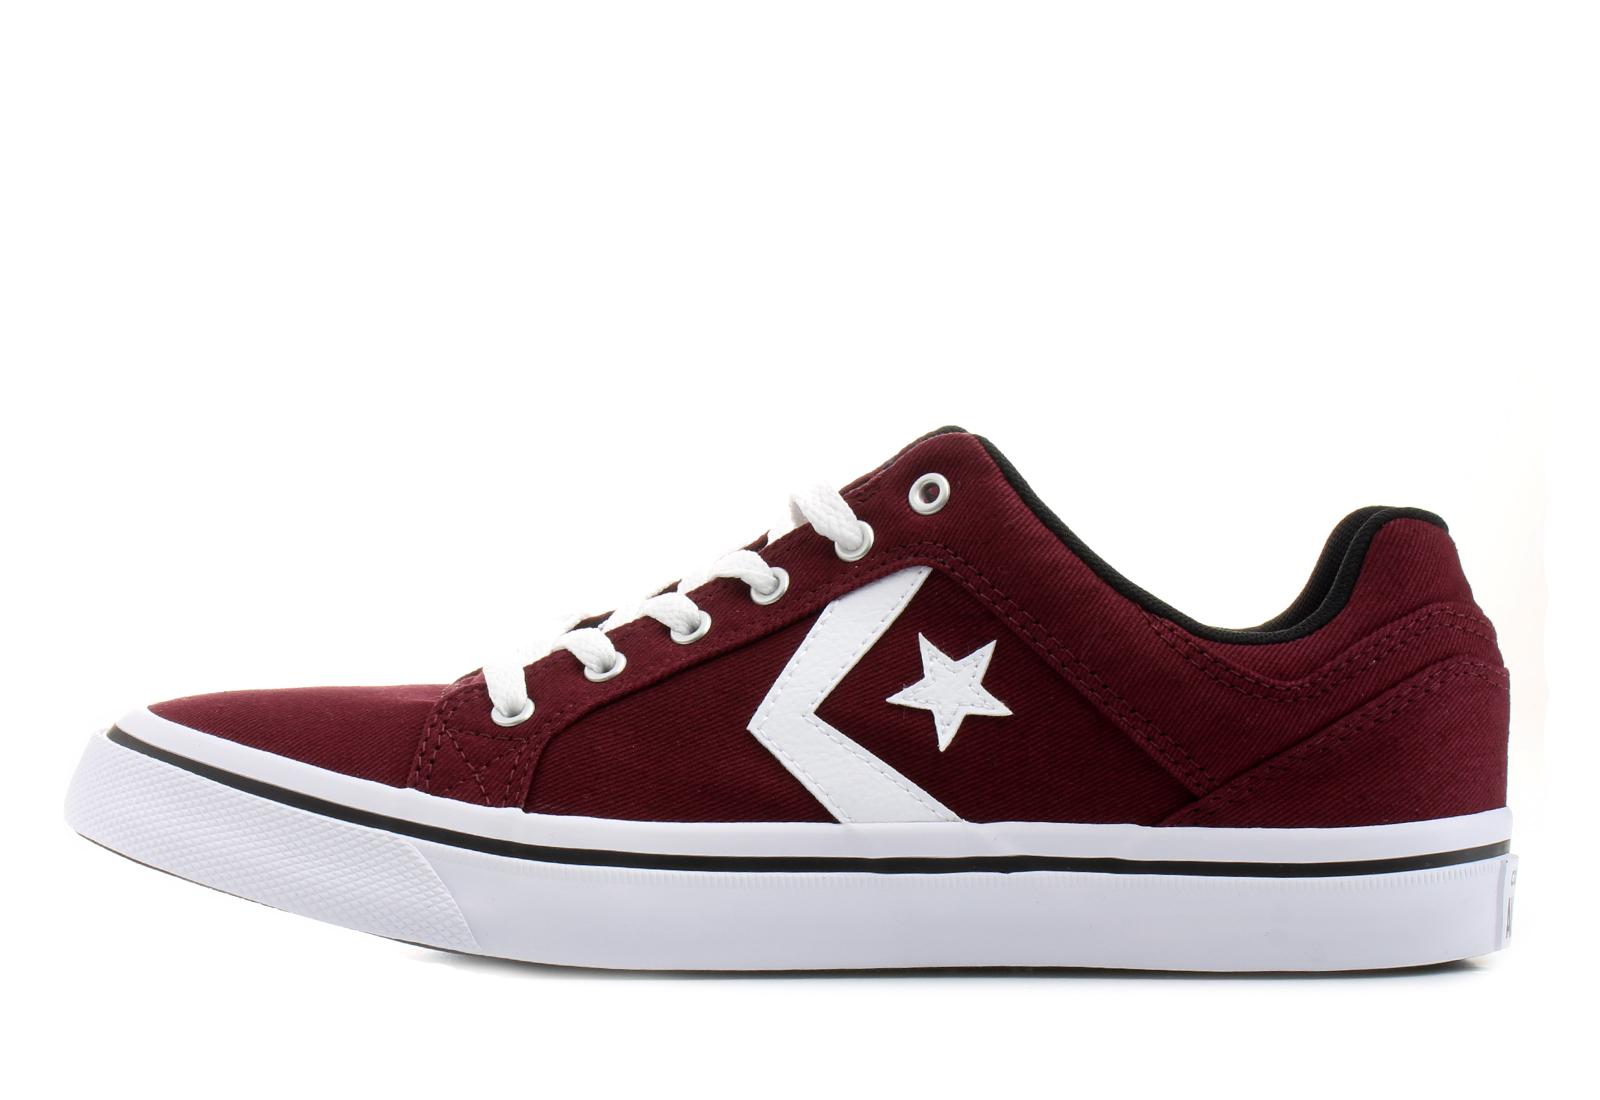 tecnologías sofisticadas reputación confiable mejor venta Converse Sneakers - Converse El Distrito - 159792C - Online shop for  sneakers, shoes and boots